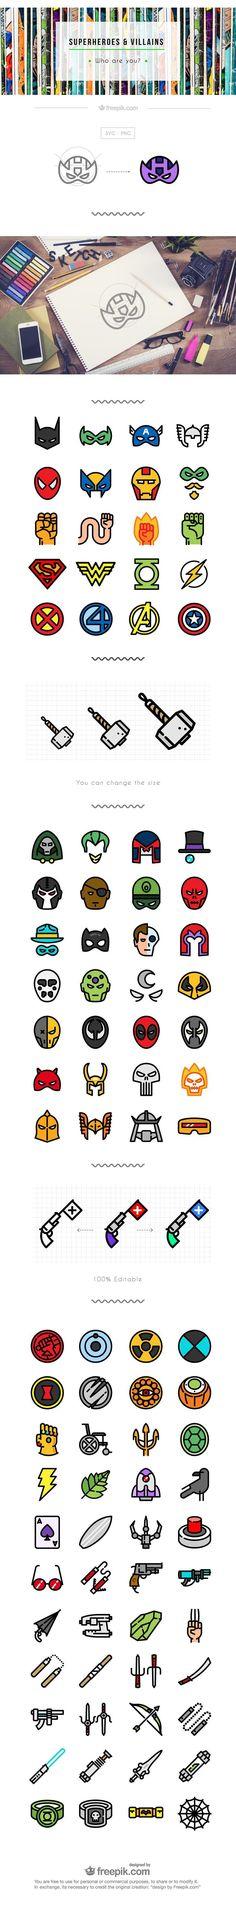 Superhero icon set flat free